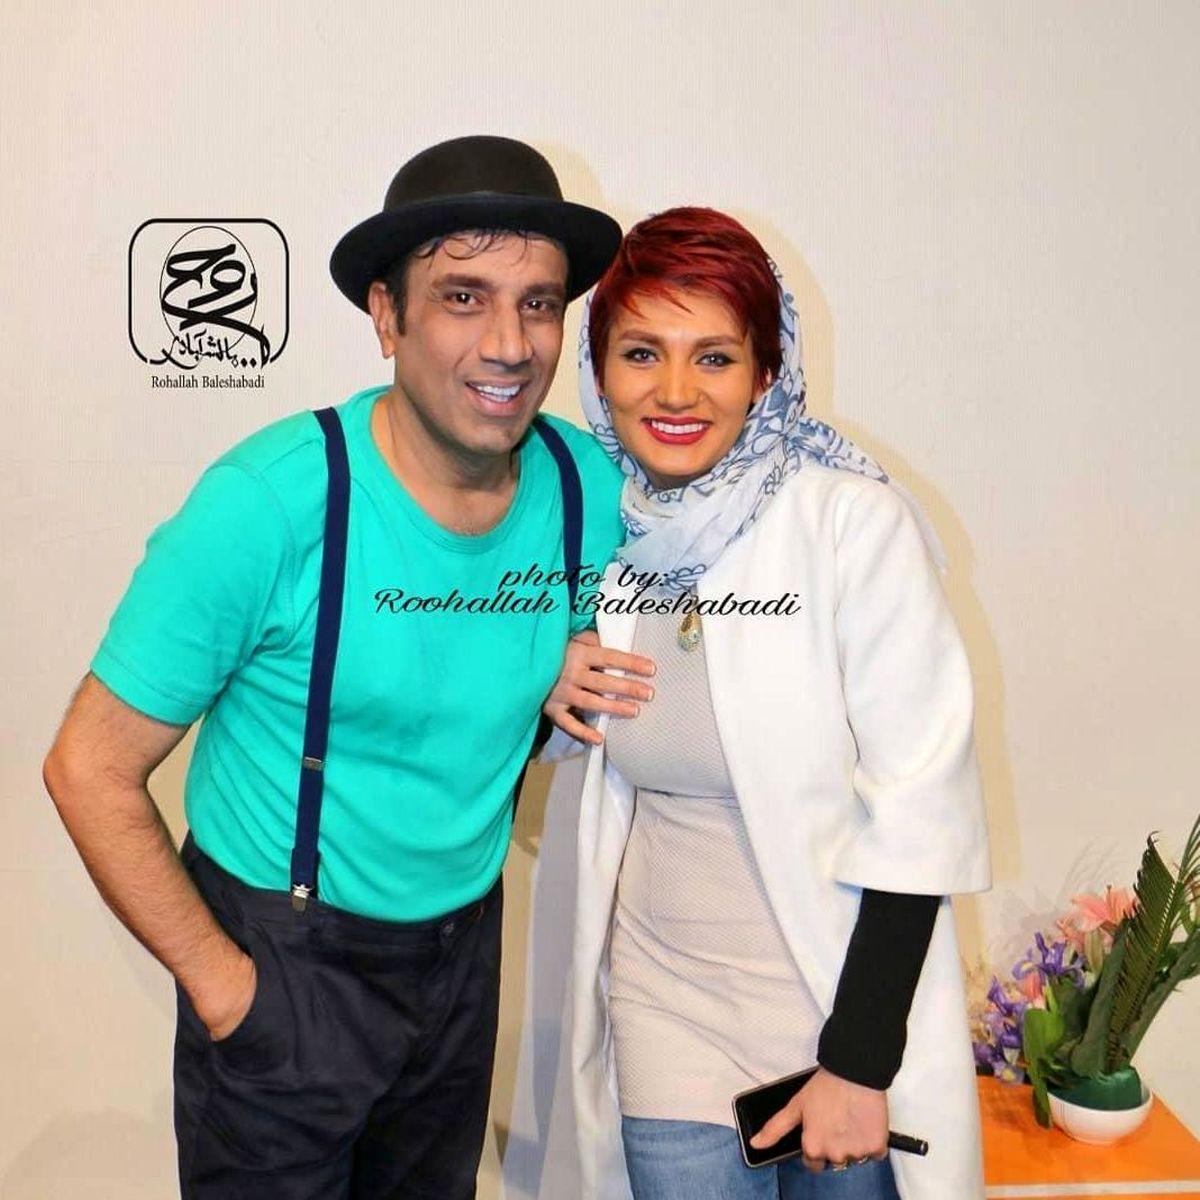 تیپ عجیب نصرالله رادش در کنار همسر جوانش + عکس